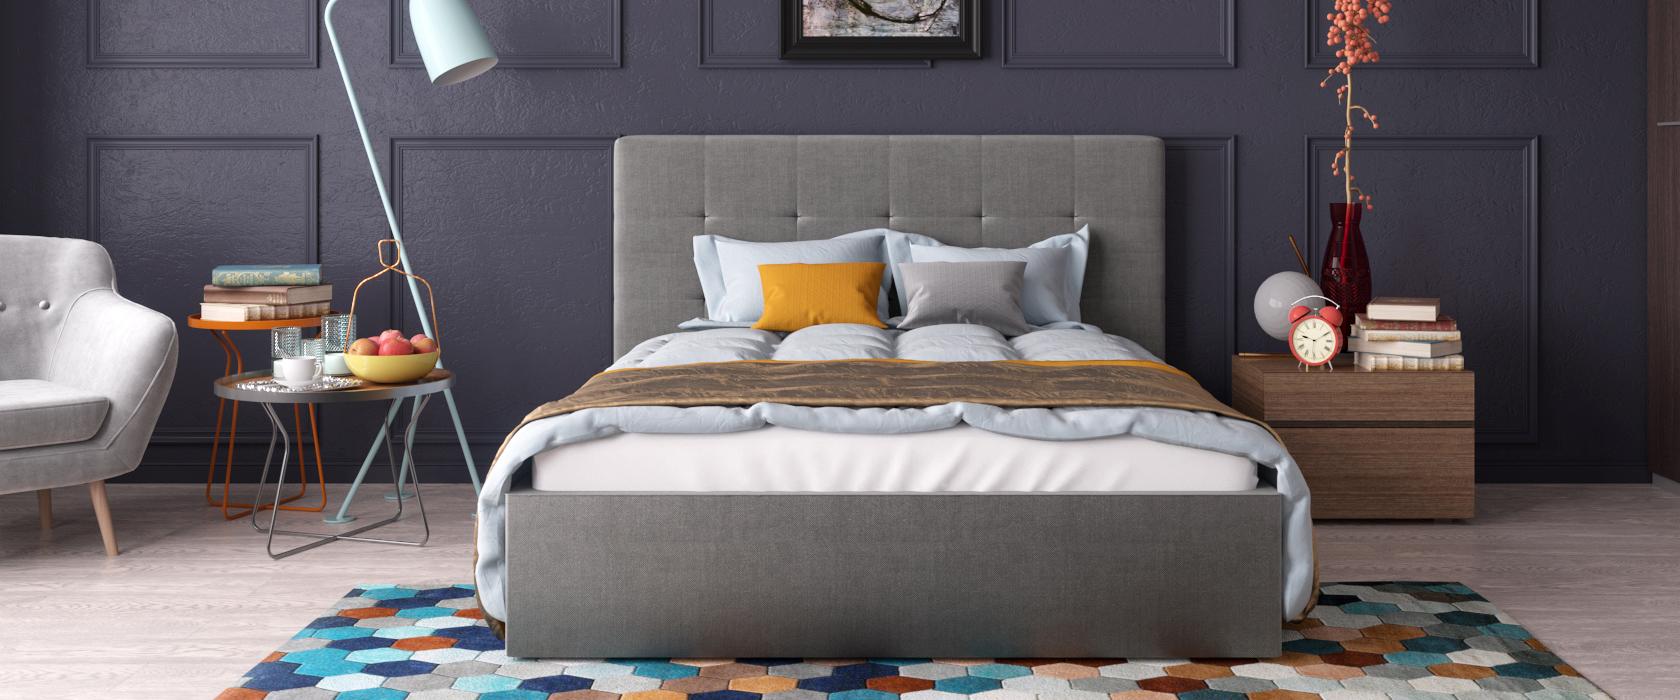 Ліжко Dimaro - Фото 2 - Pufetto